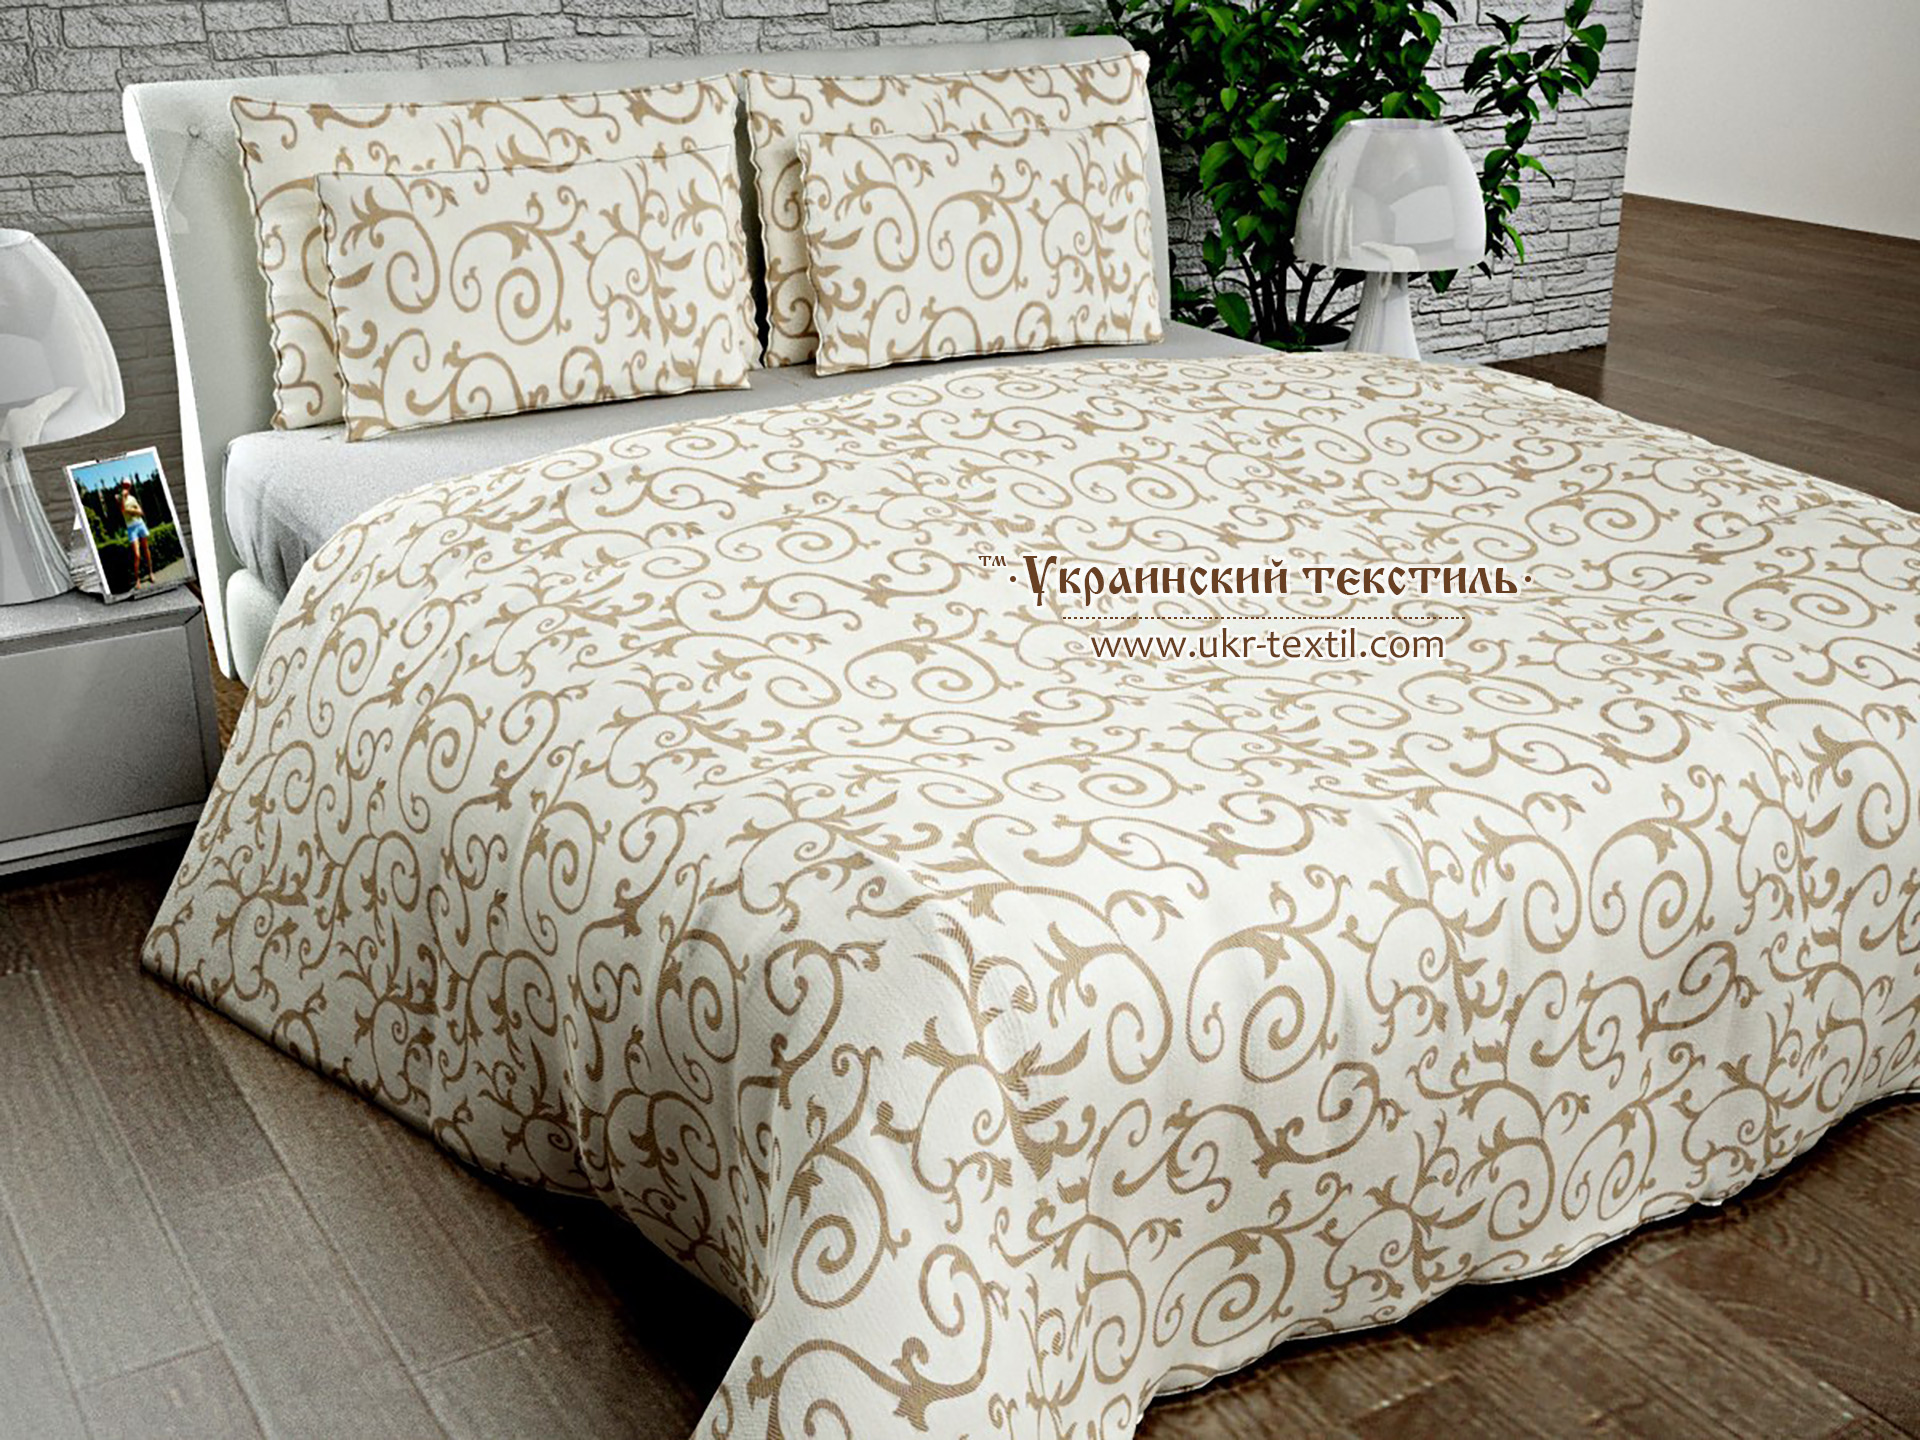 f208d2715a1c постельное белье евро размер турецкая бязь купить украина · постельное белье  ...